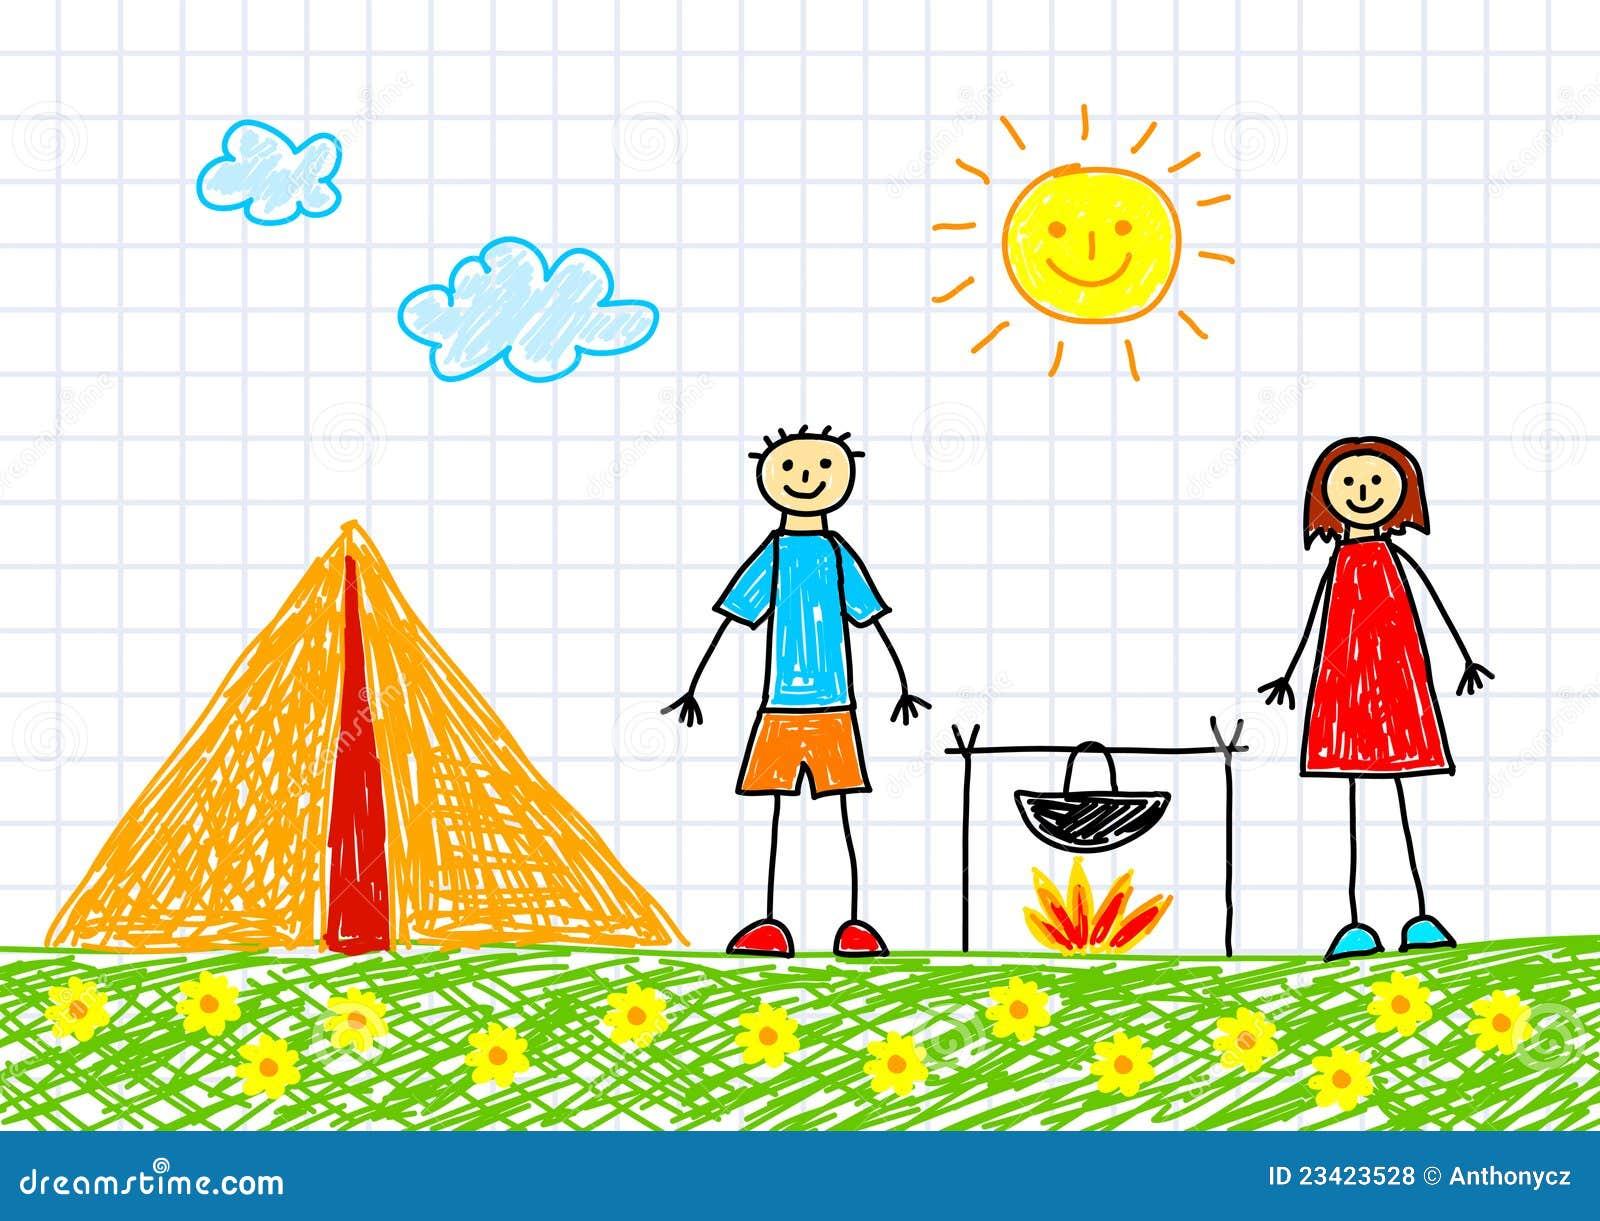 Tekening Van Kinderen Met Tent Royalty-vrije Stock Fotos - Afbeelding ...